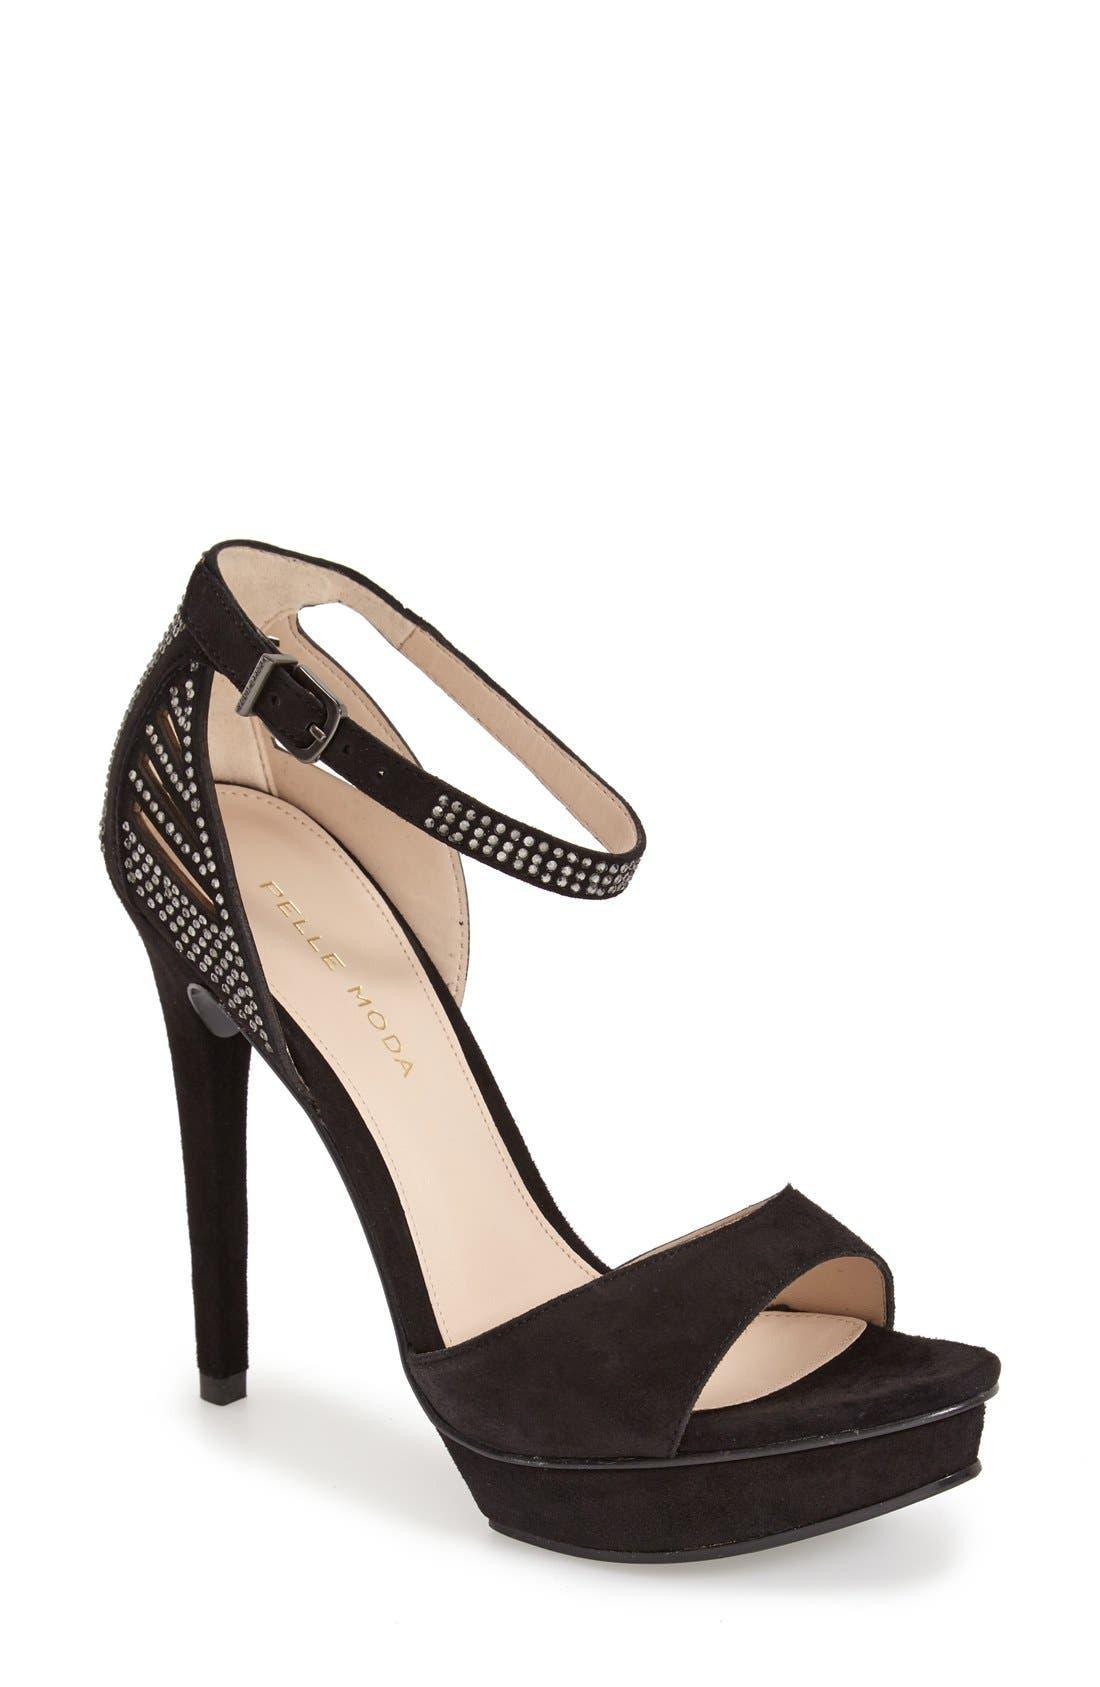 'Fenton' Ankle Strap Sandal,                         Main,                         color, Black Suede